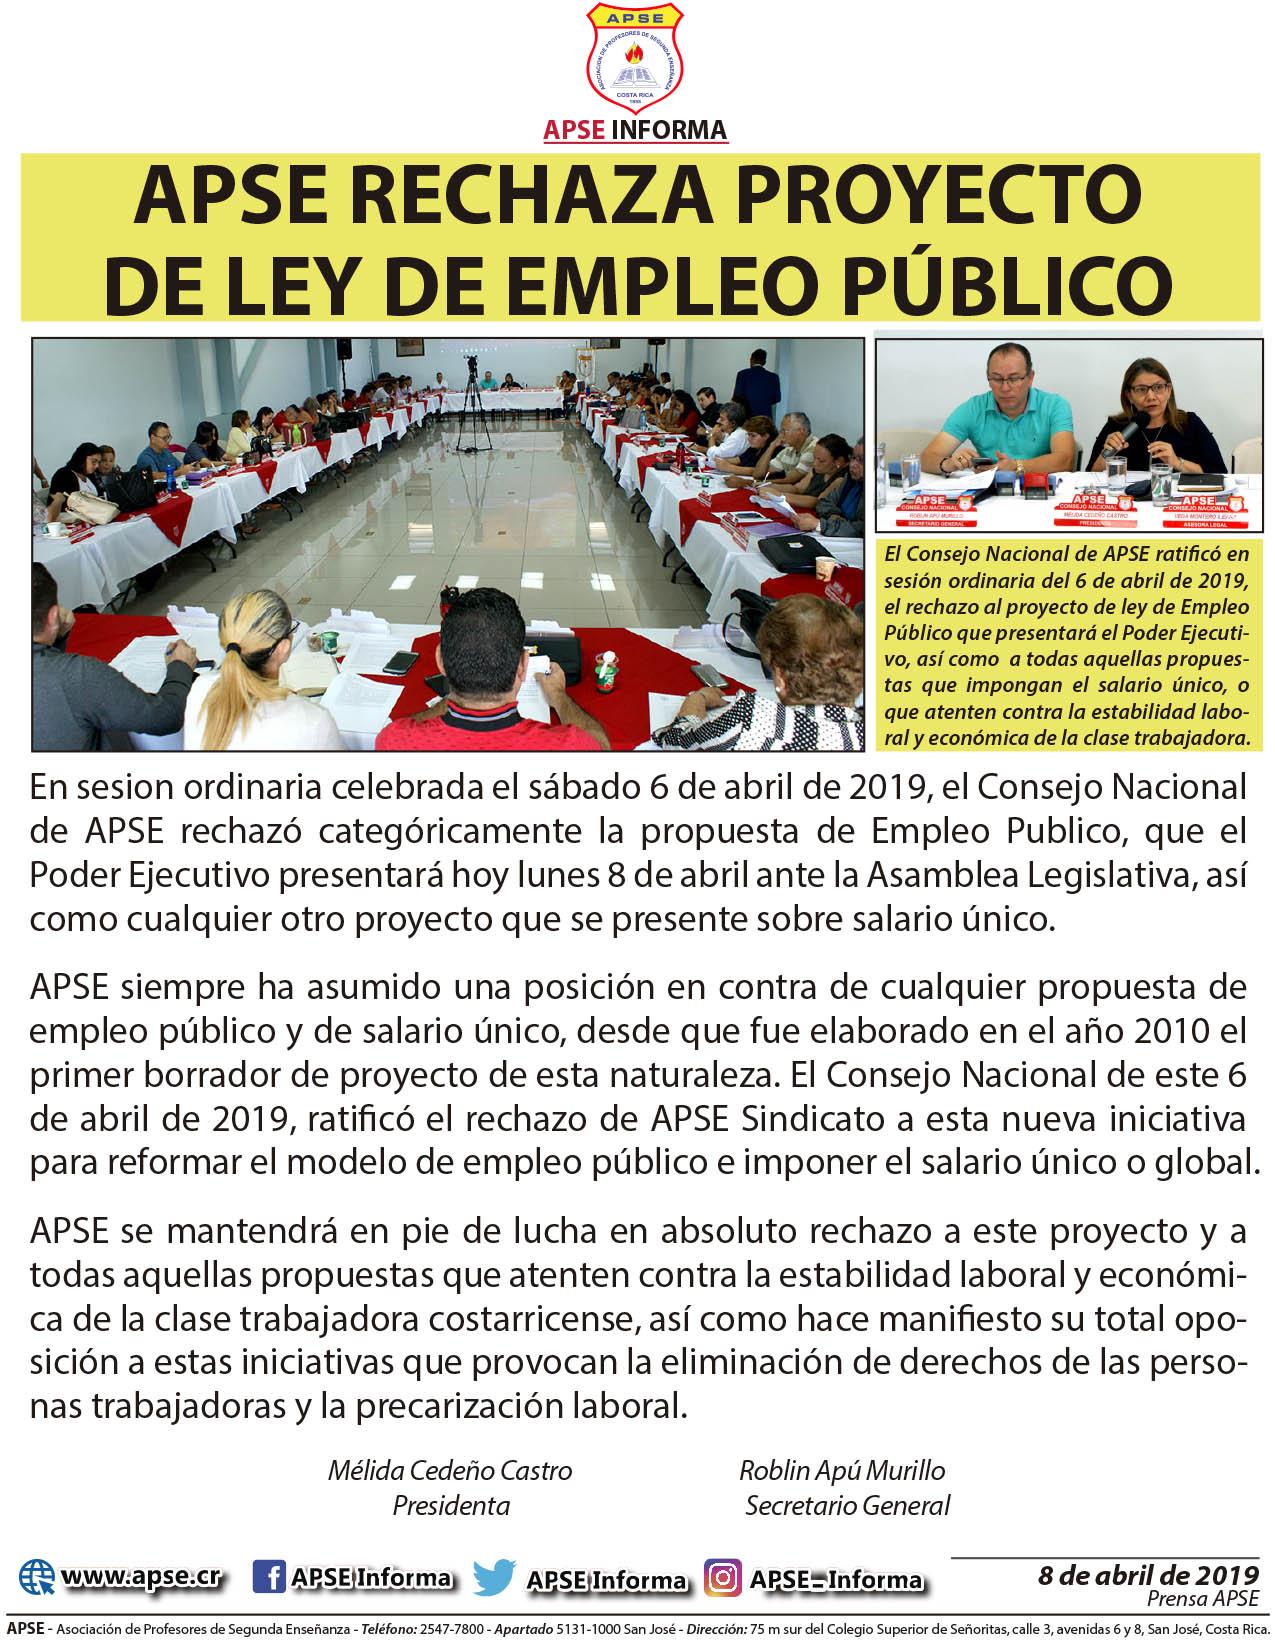 APSE RECHAZA PROYECTO DE LEY DE EMPLEO PÚBLICO